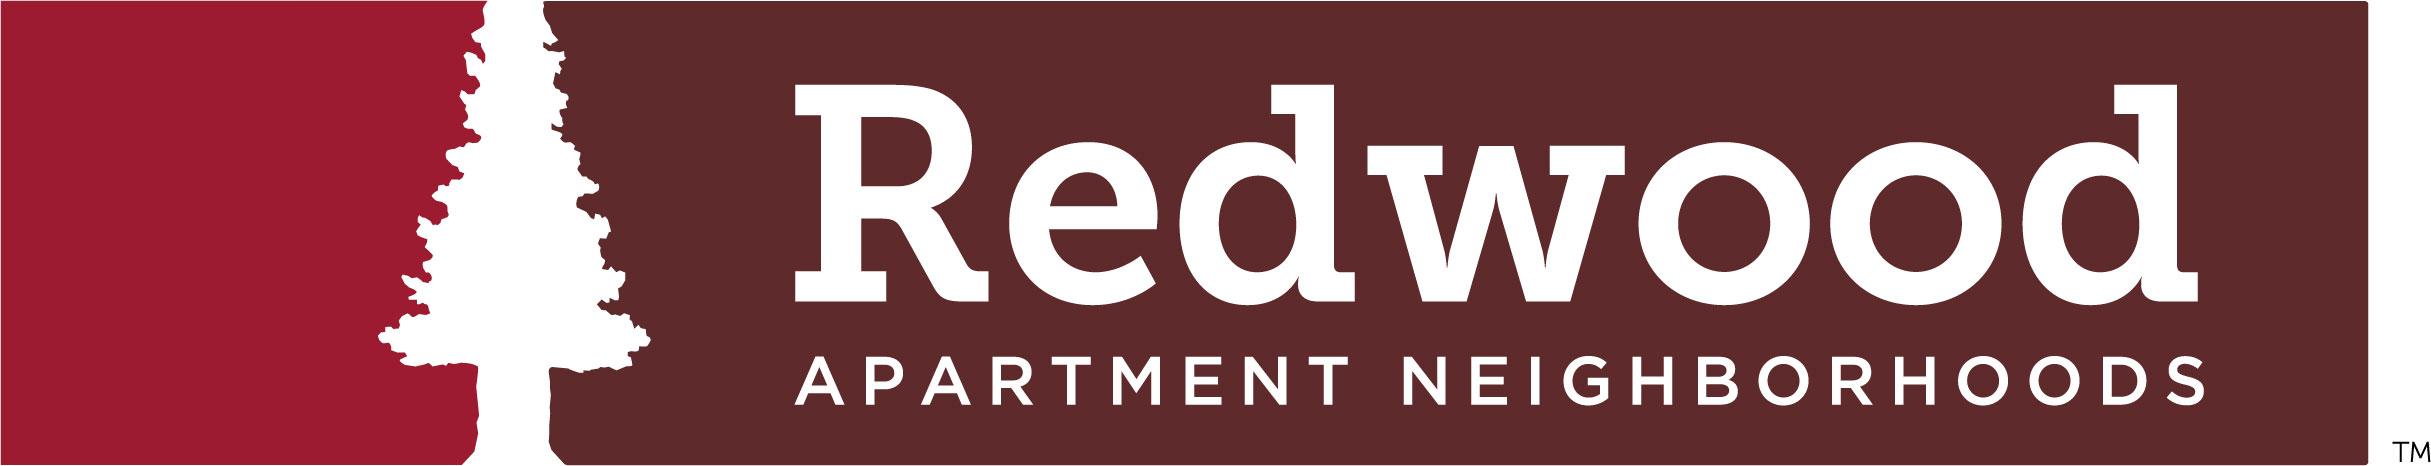 Redwood Living, Inc.